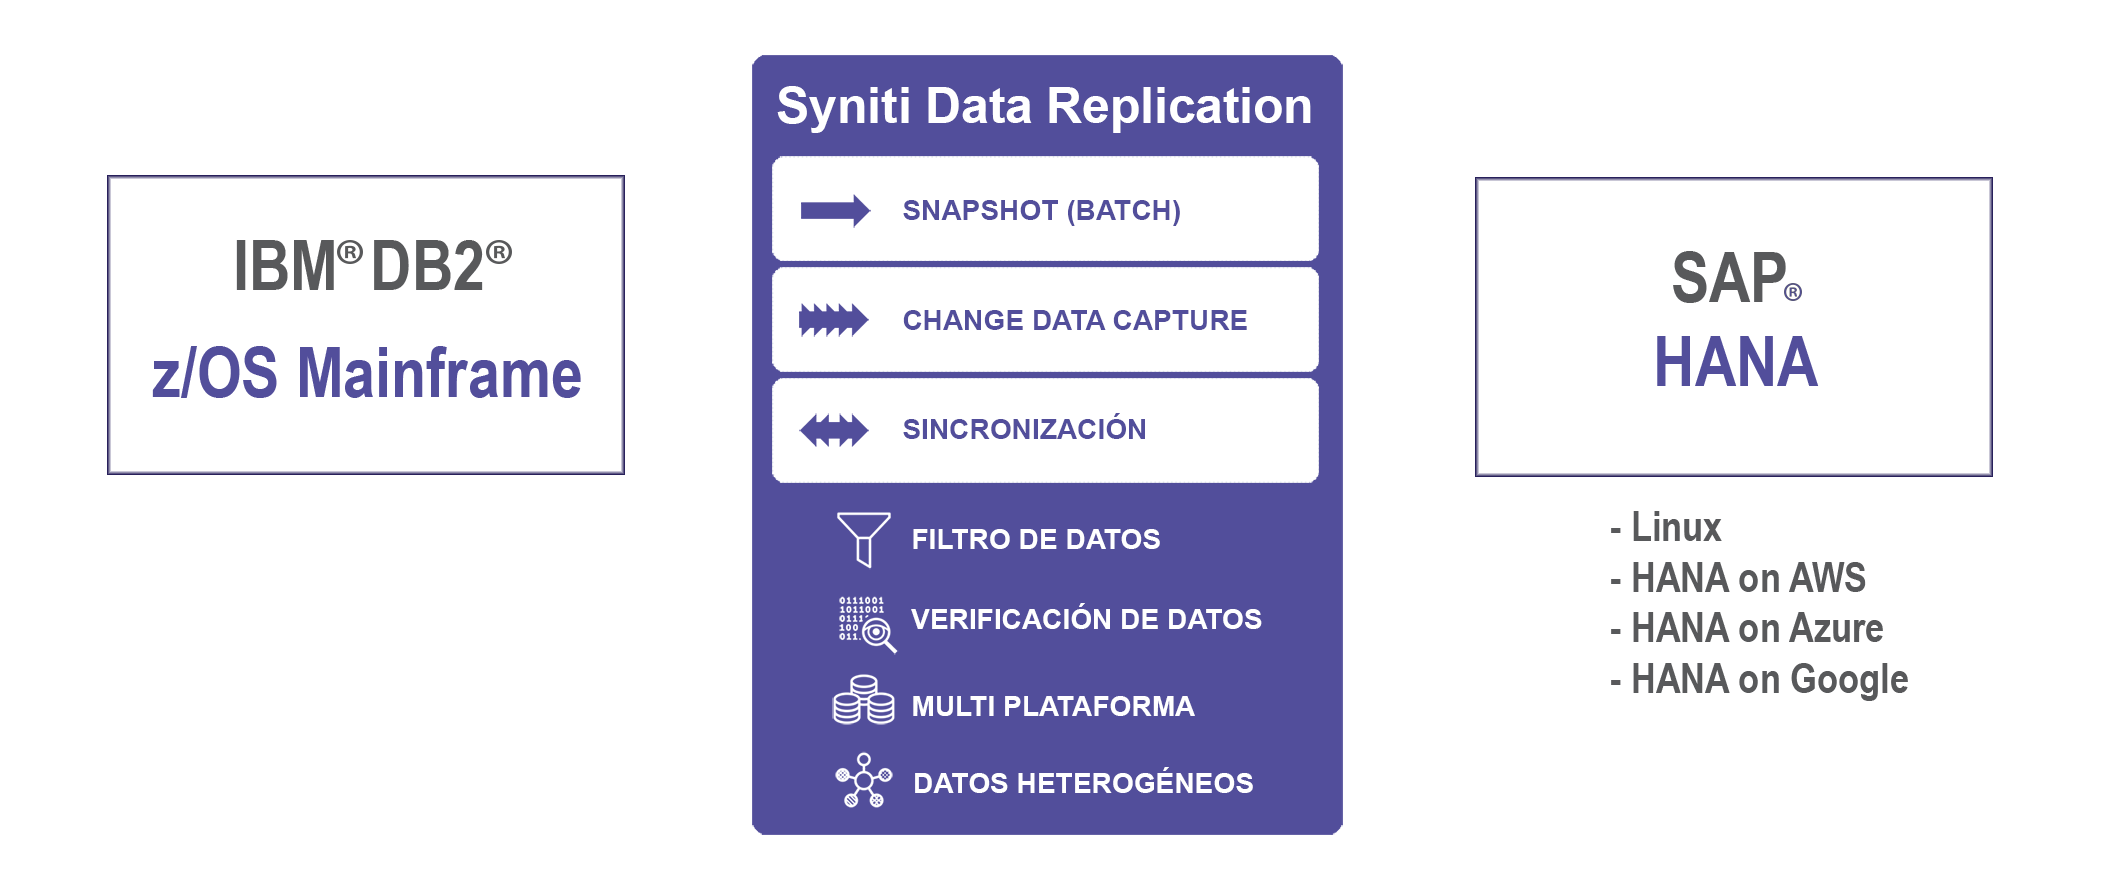 Replicacion de datos DB2 z/OS Mainframe a SAP HANA en tiempo real